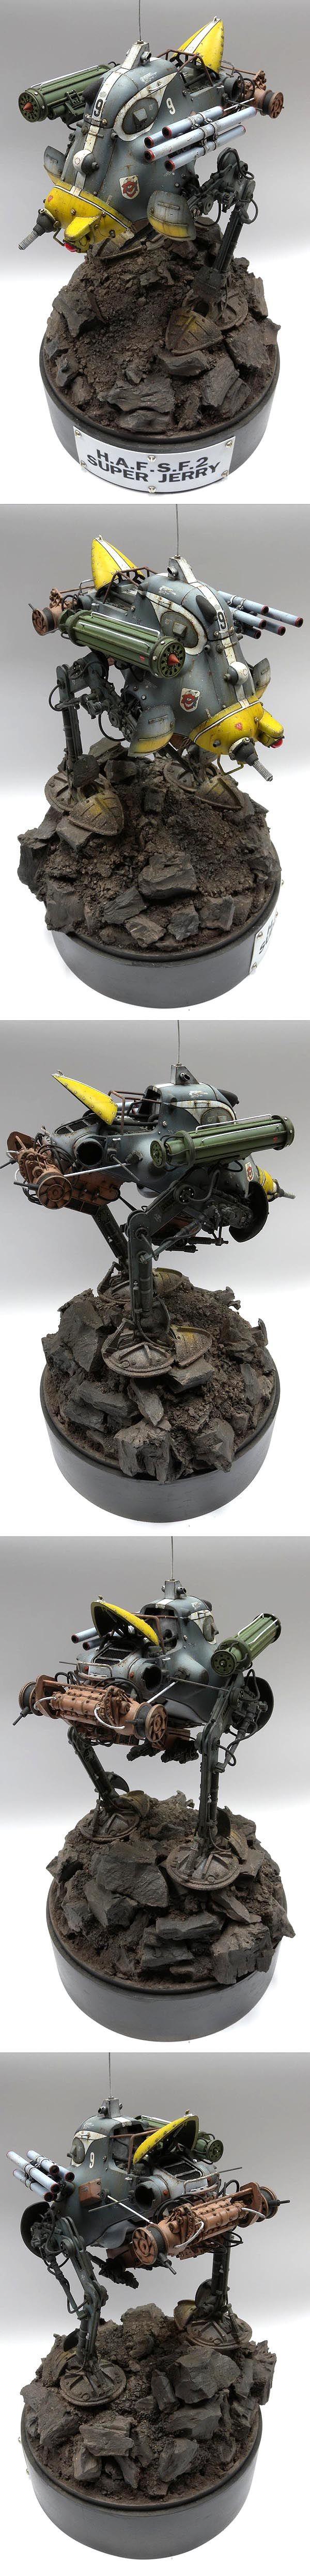 WAVE Ma.K. 1/20 scale H.A.F.S. F.2 Super Jerry. By Lim Kian Guan. #Ma_K #Maschinen_Krieger